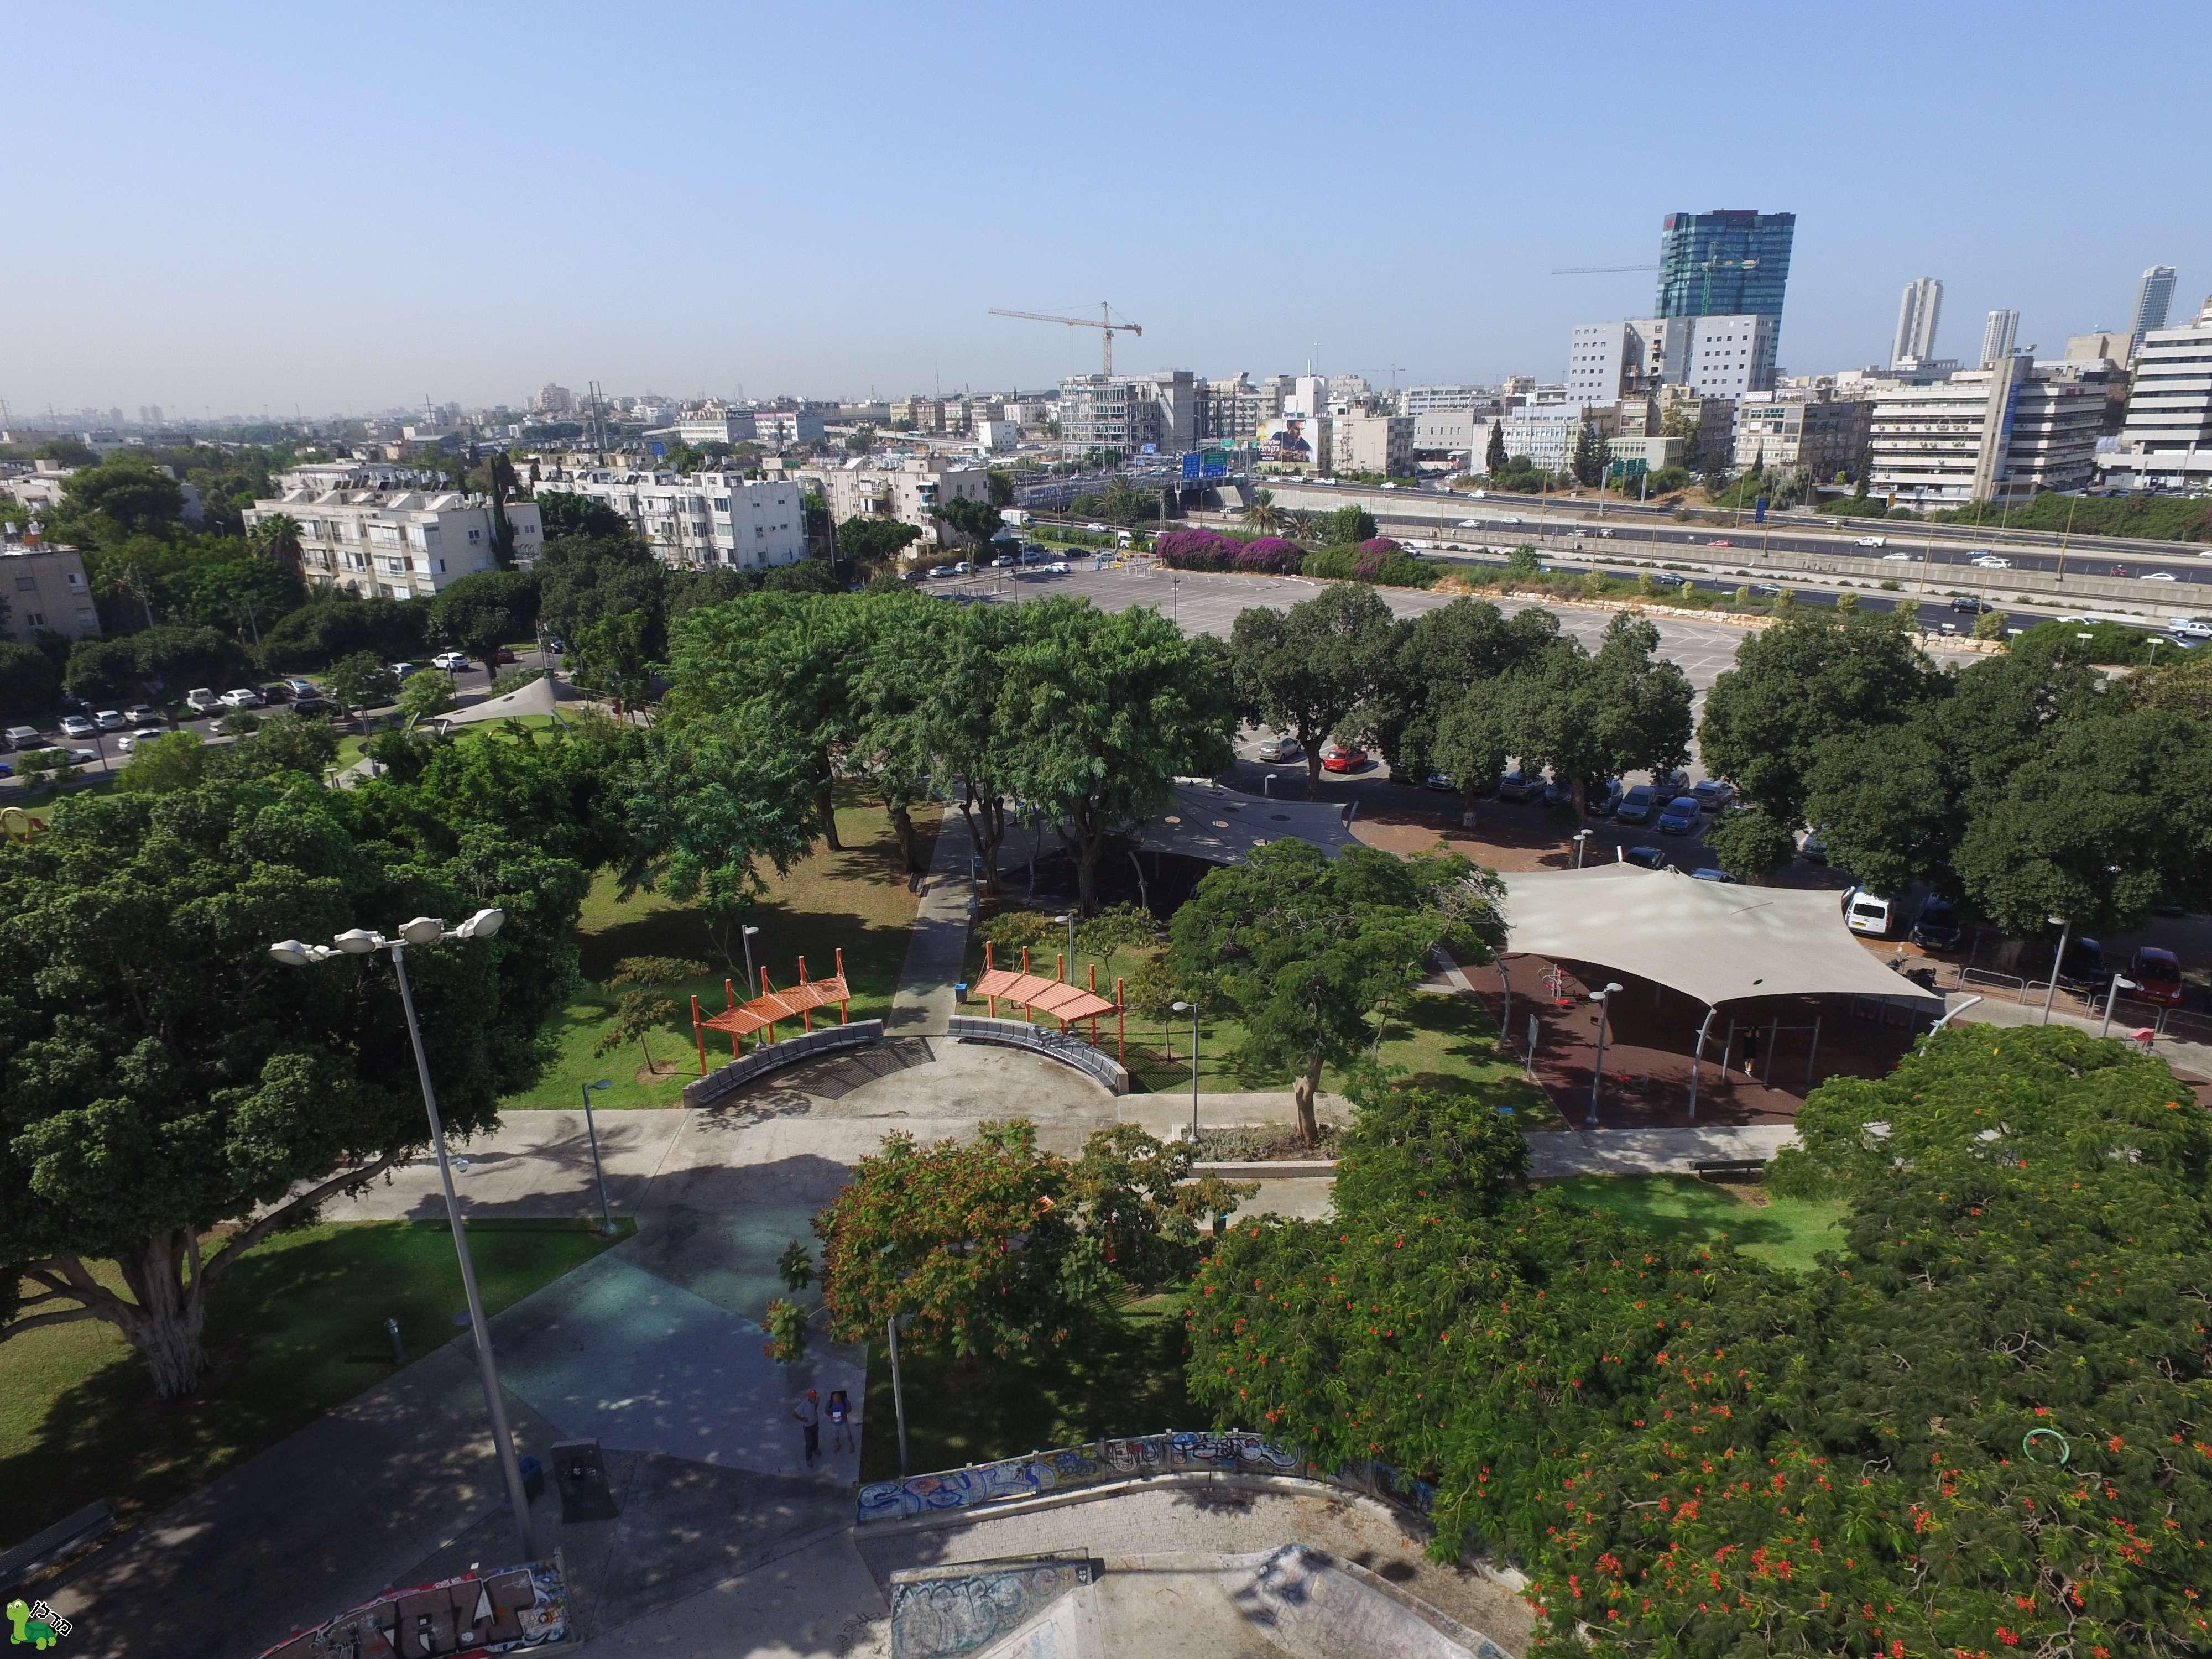 מעולה דירה למכירה בלה גארדיה 68, תל אביב יפו BH-47